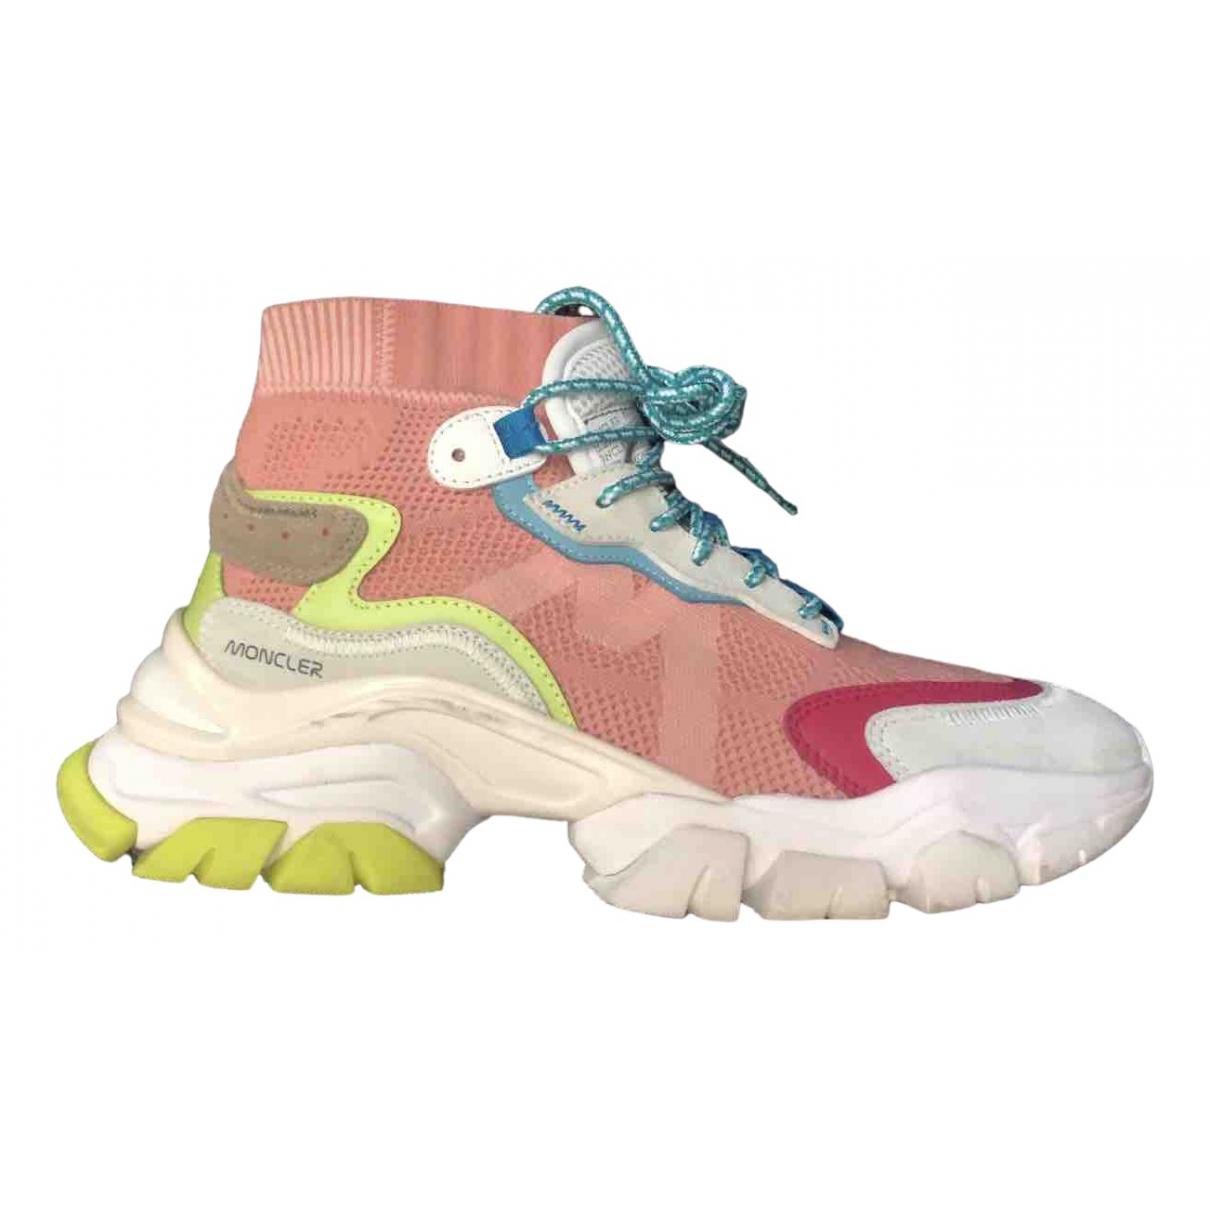 Moncler \N Sneakers in  Bunt Leder